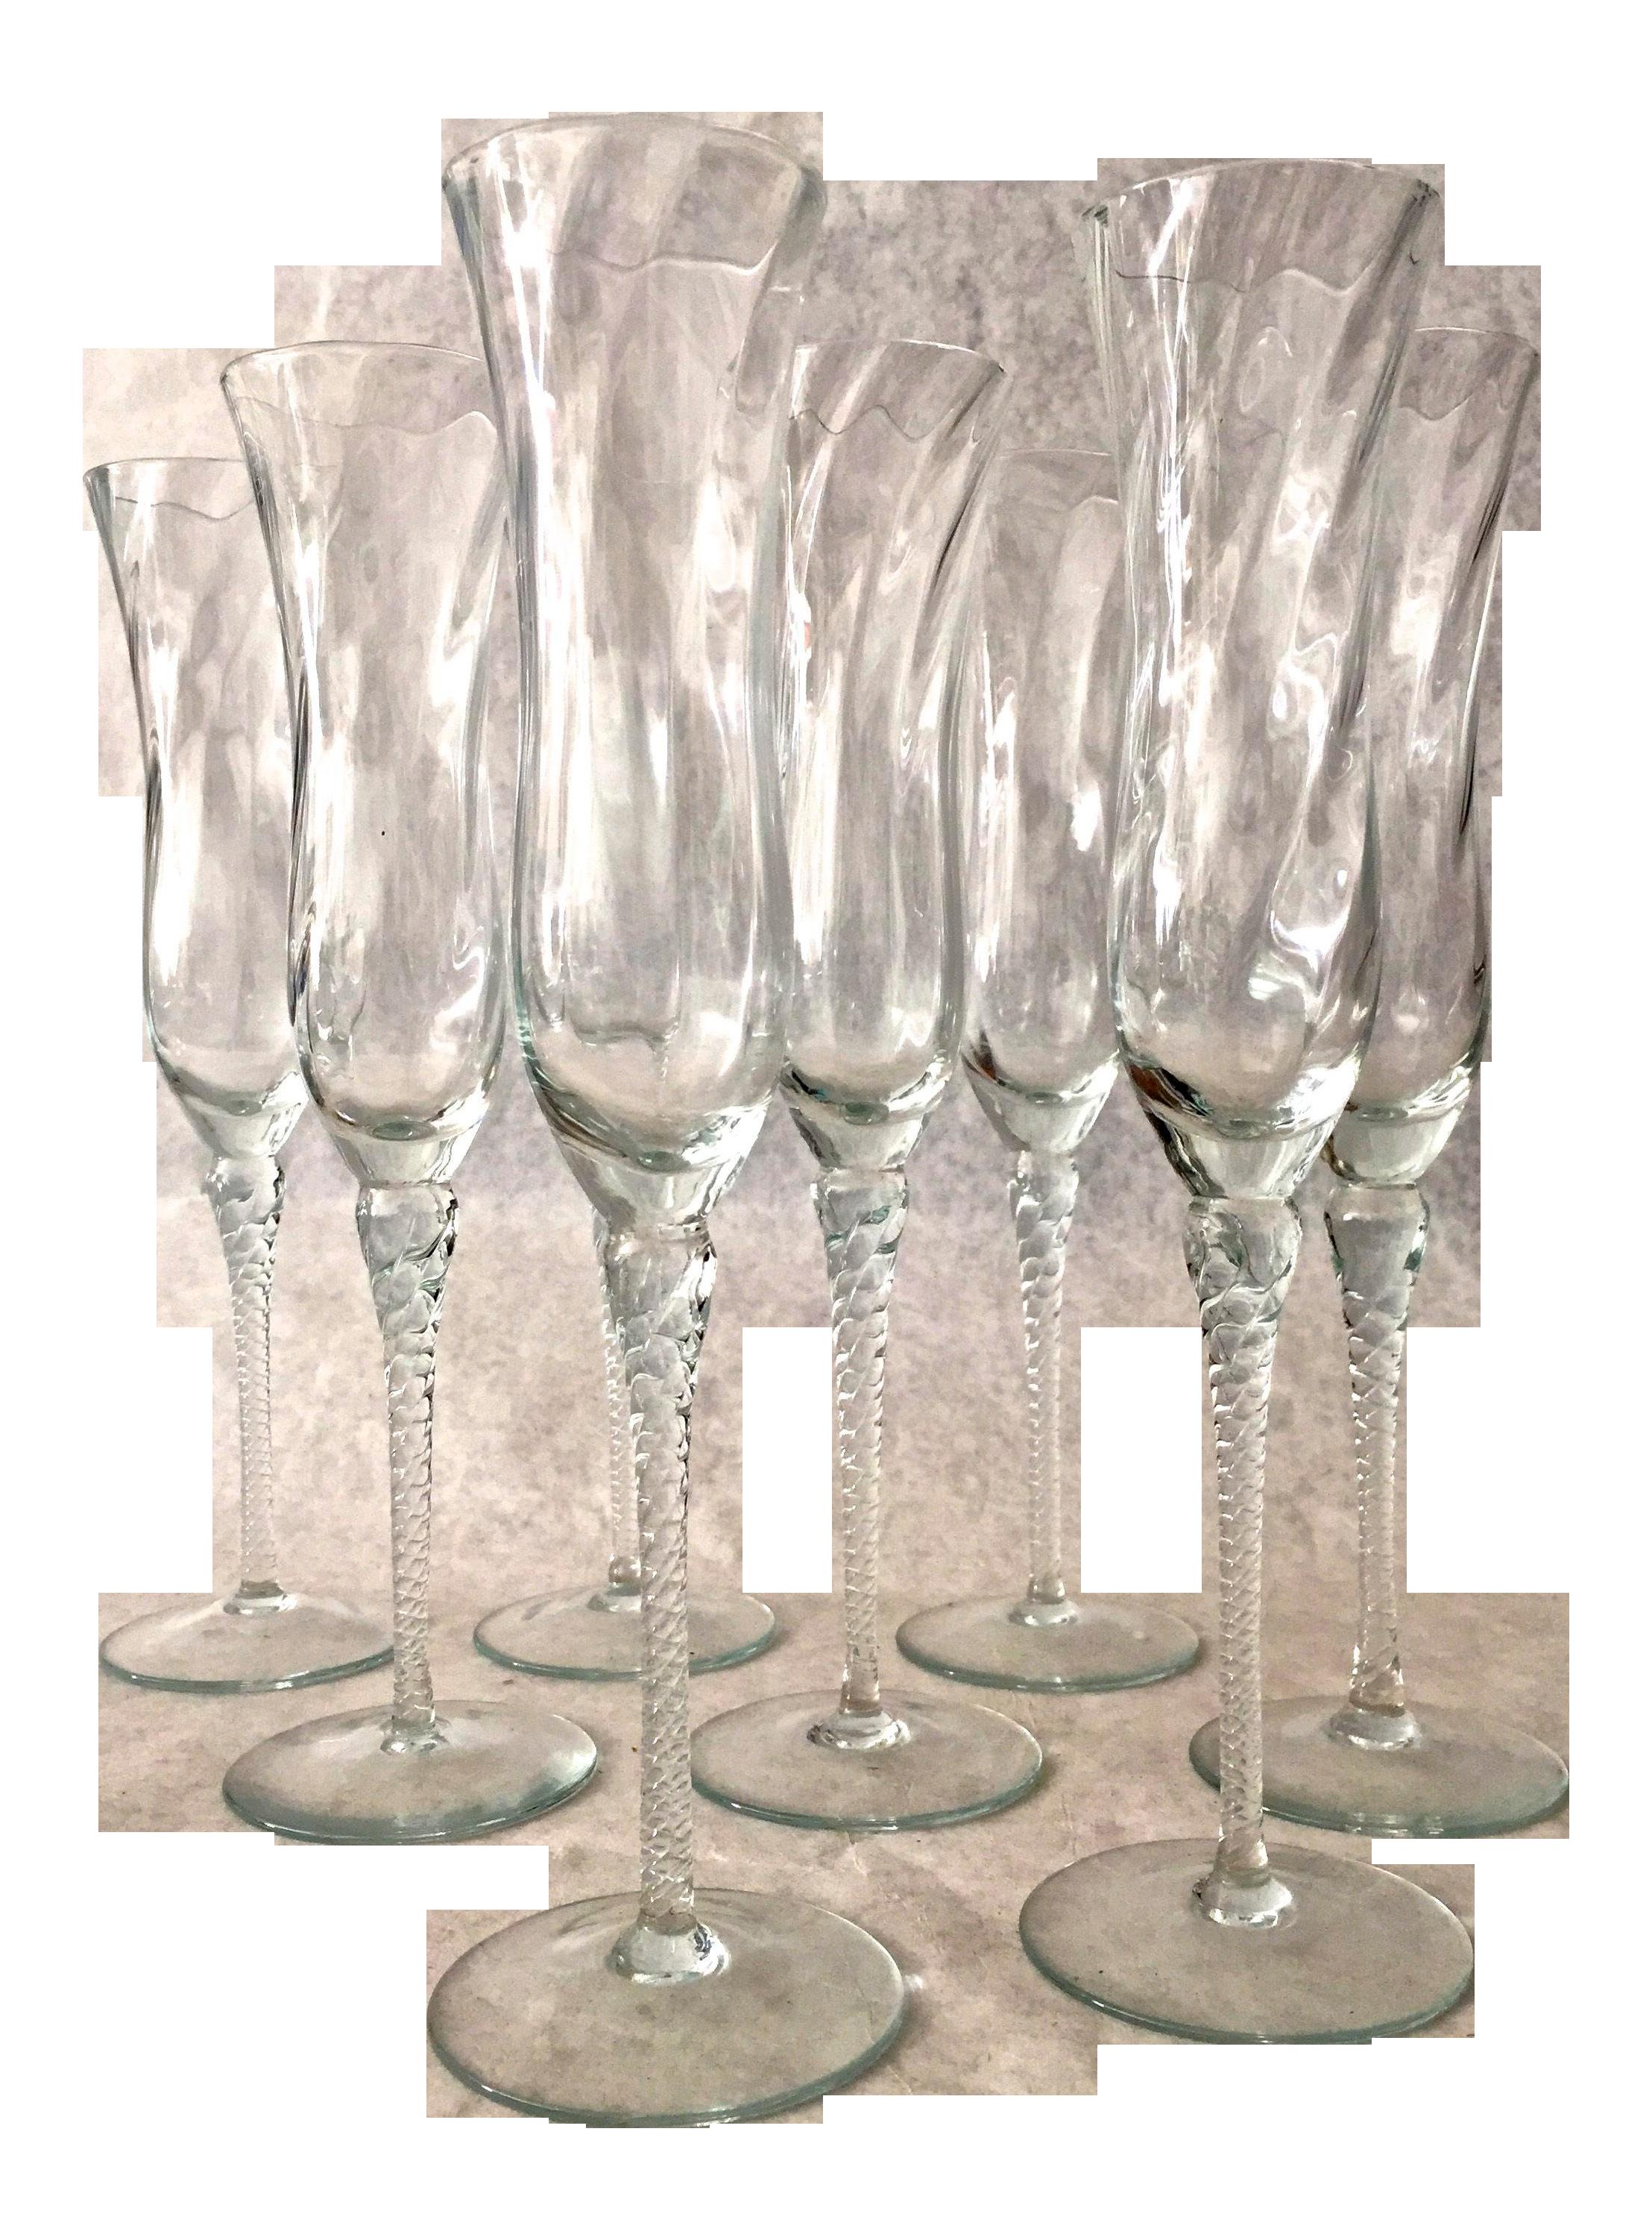 Modern Crystal Champagne Flutes Set Of 6 Crystal Champagne Flutes Champagne Flute Set Crystal Champagne